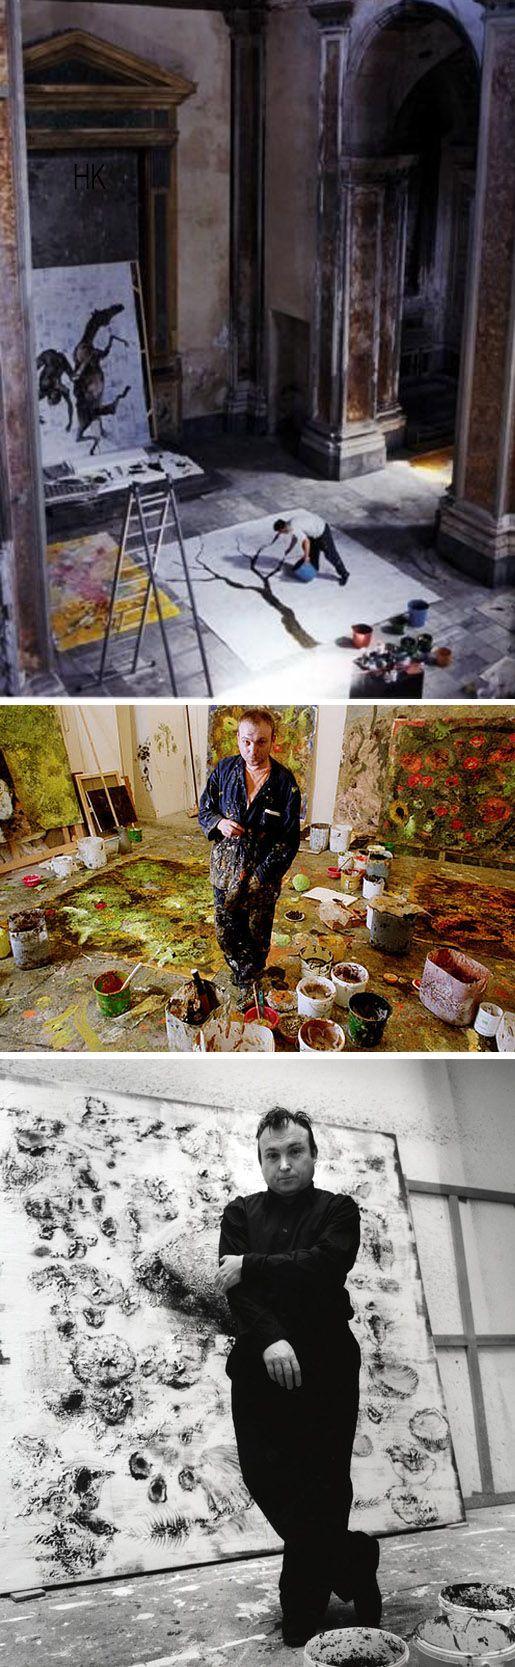 Miquel Barceló ( http://www.artnet.com/artists/miquel-barcel%C3%B3/ )